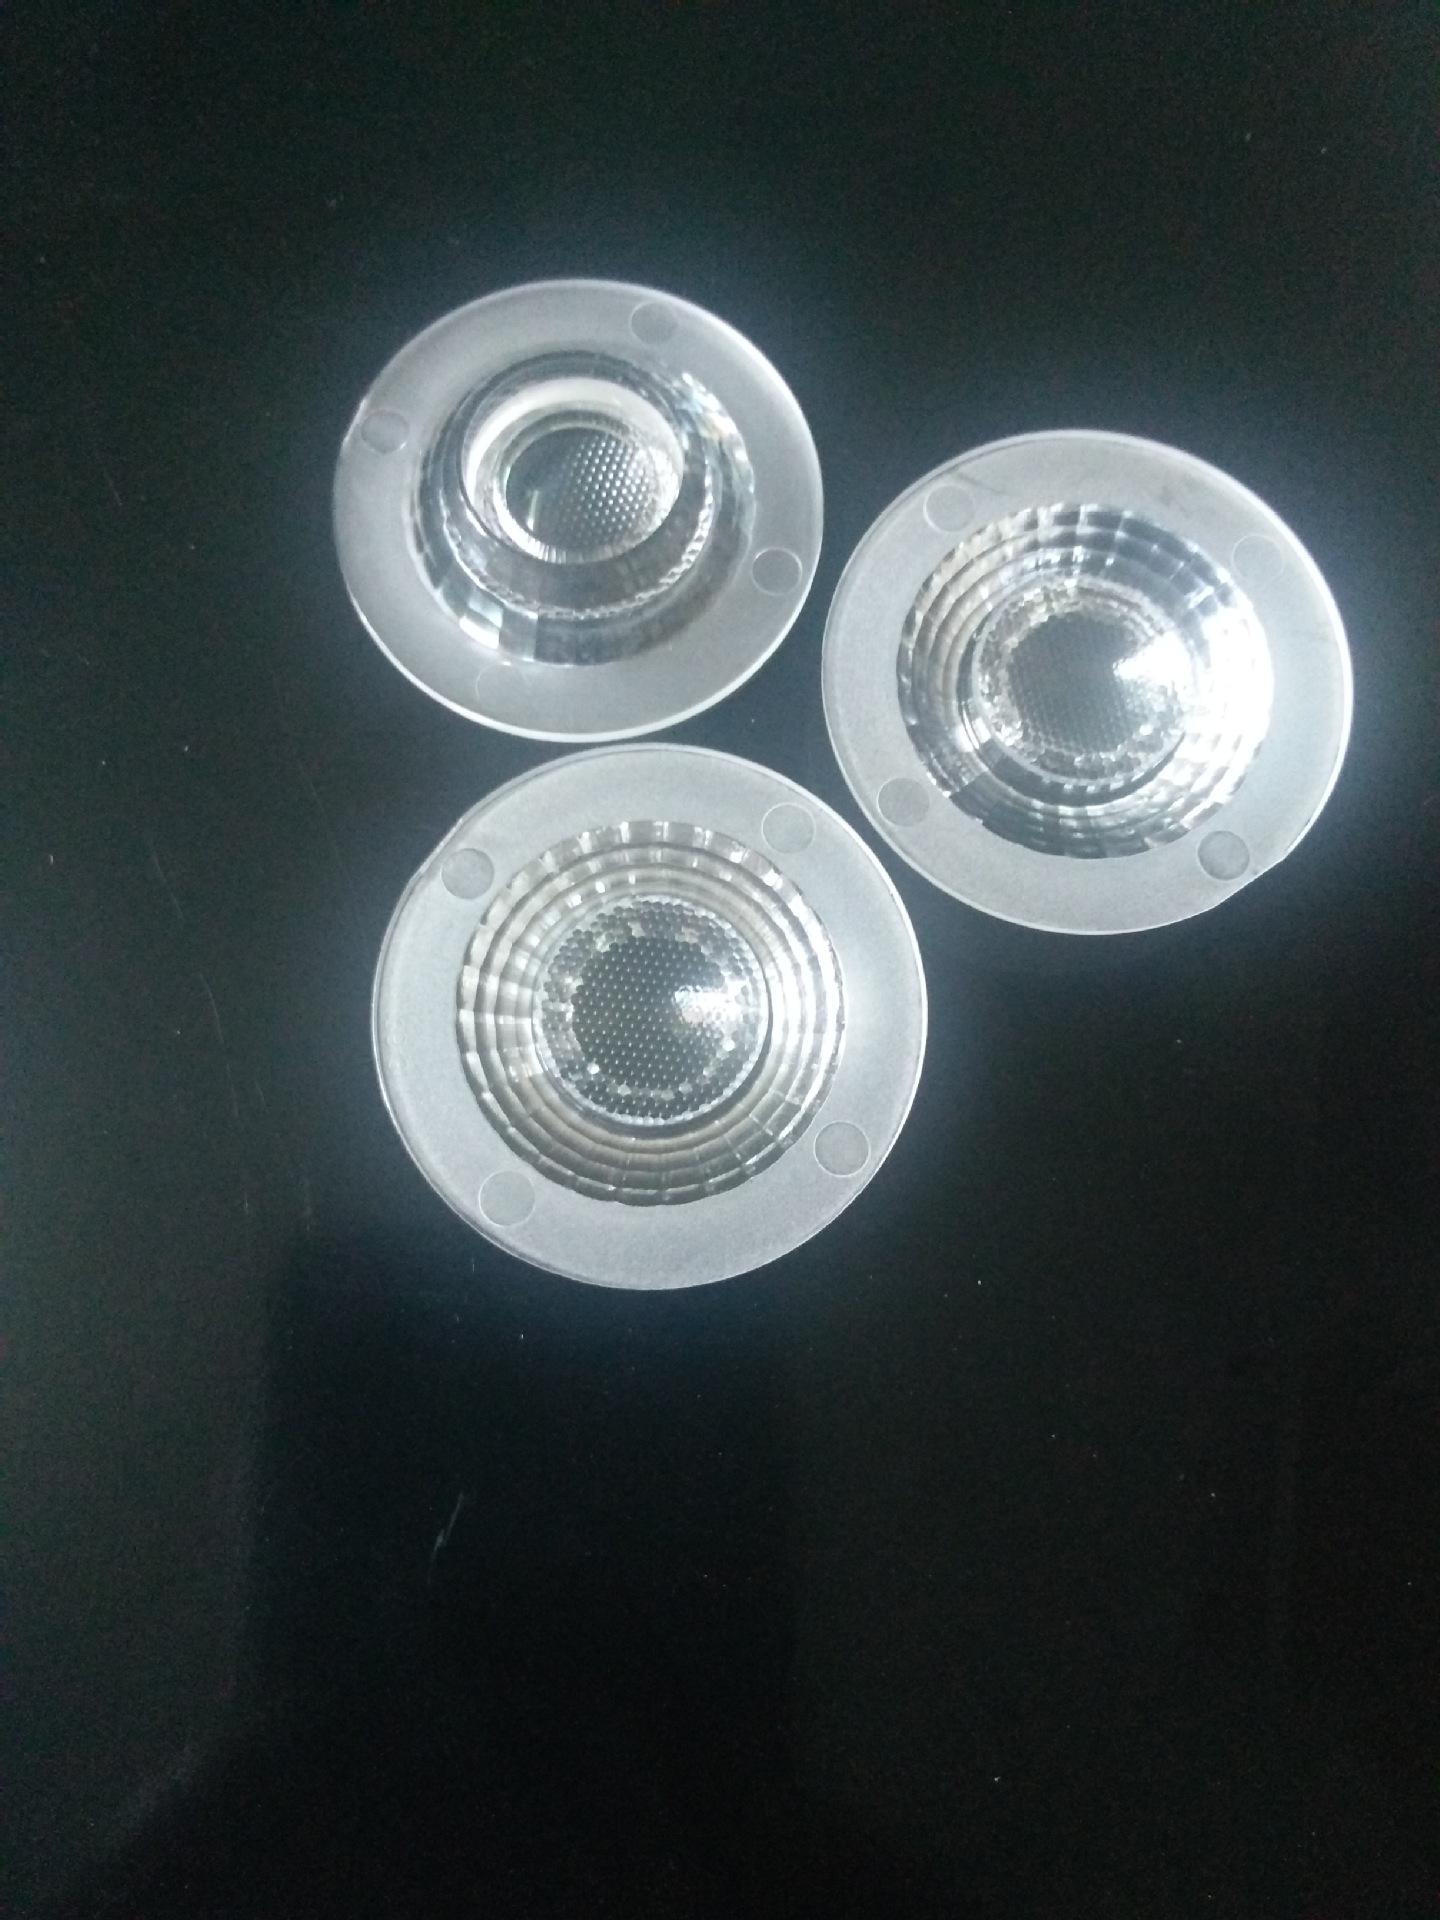 QINSHI Đèn LED thấu kính Ống kính siêu lõi, ống kính đường kính 35mm, ống kính đèn pha, ống kính đèn